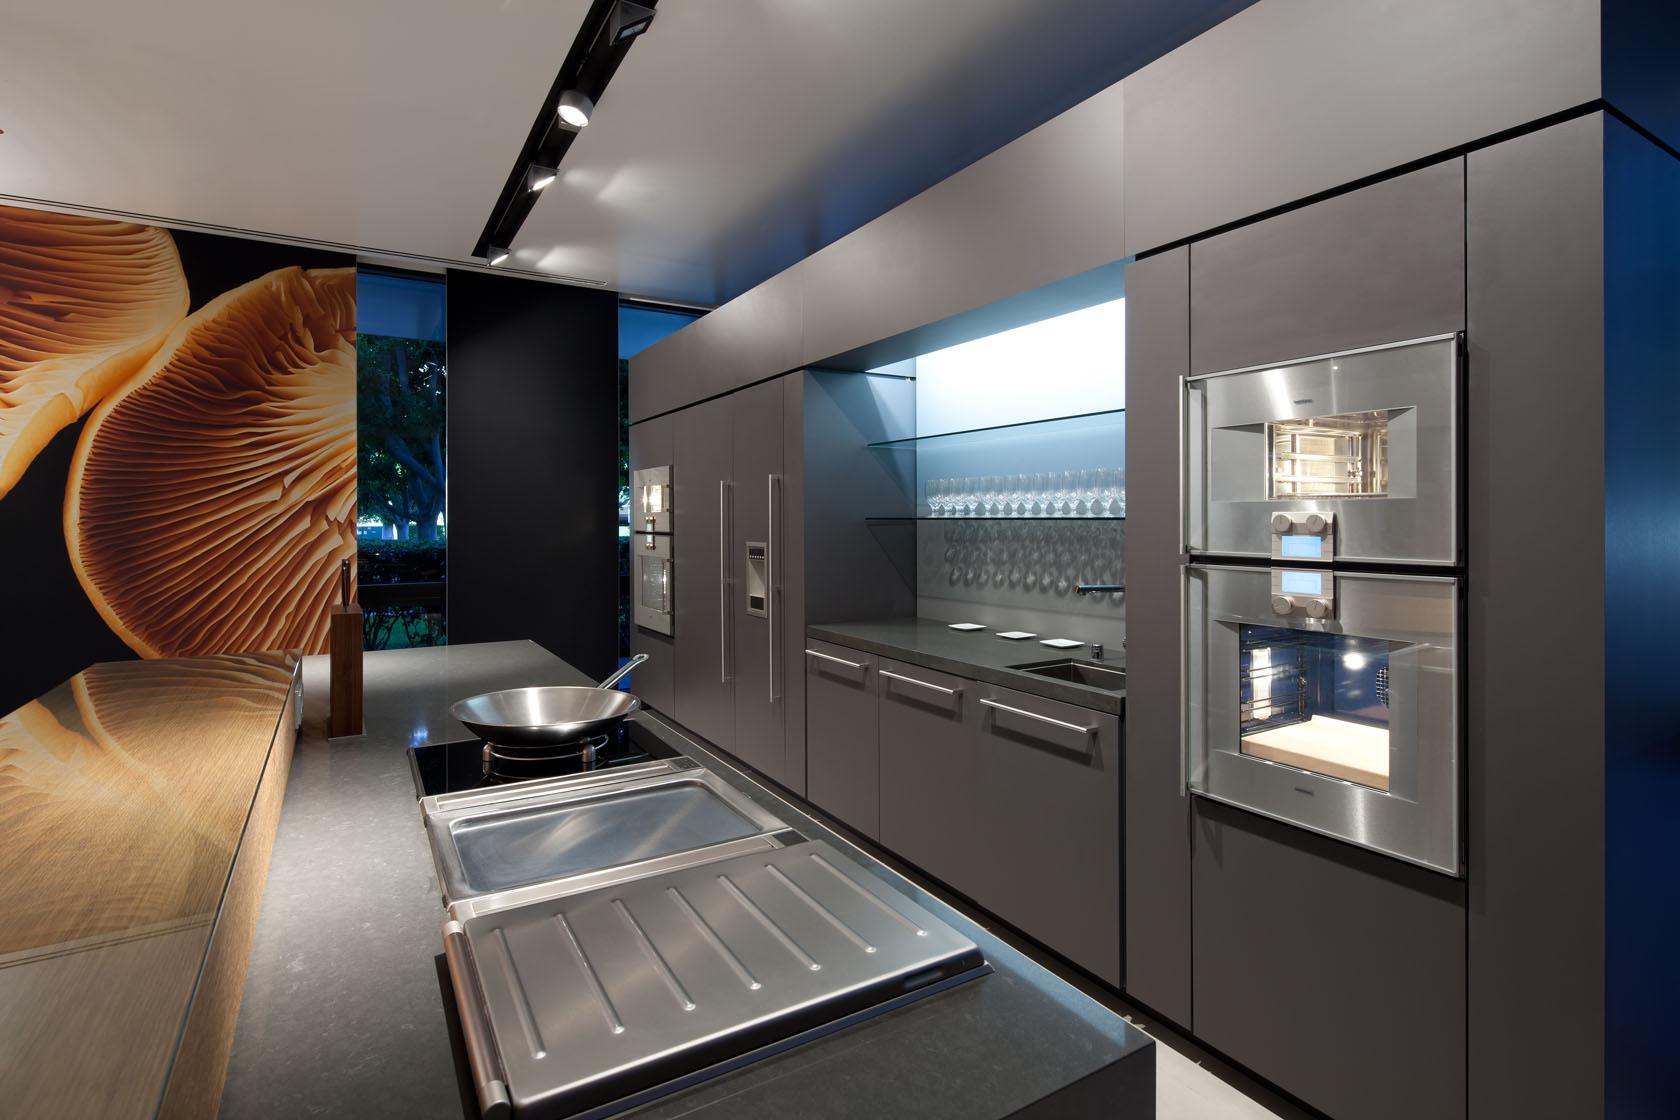 Luxury Appliance Workshop Interior Design With Janus